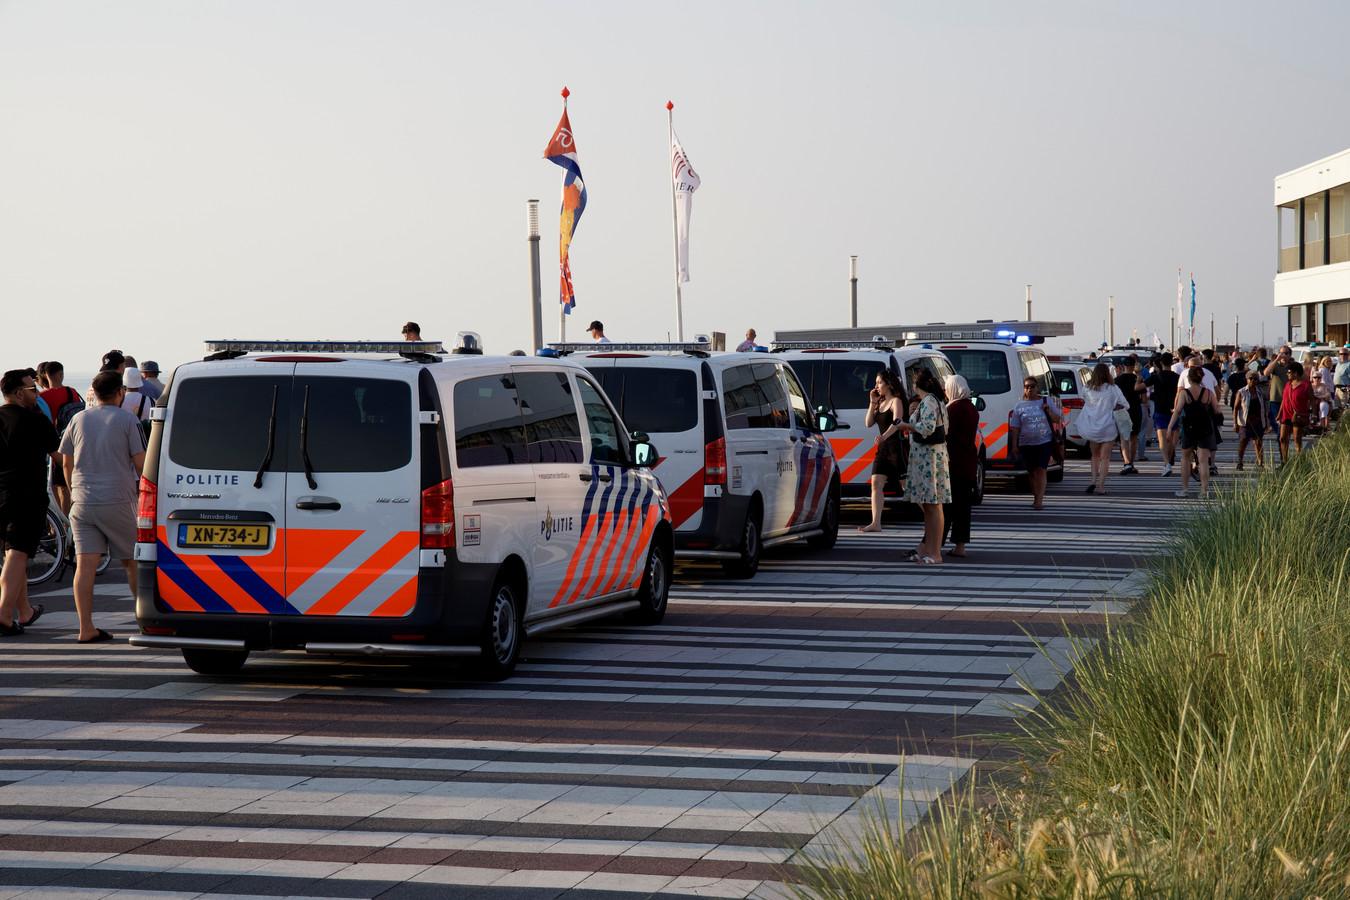 Woensdagavond om 20.35 uur is de politie massaal ingezet aan de Boulevard in Zandvoort. De aanleiding van de grote inzet zou een vechtpartij op het strand zijn geweest.